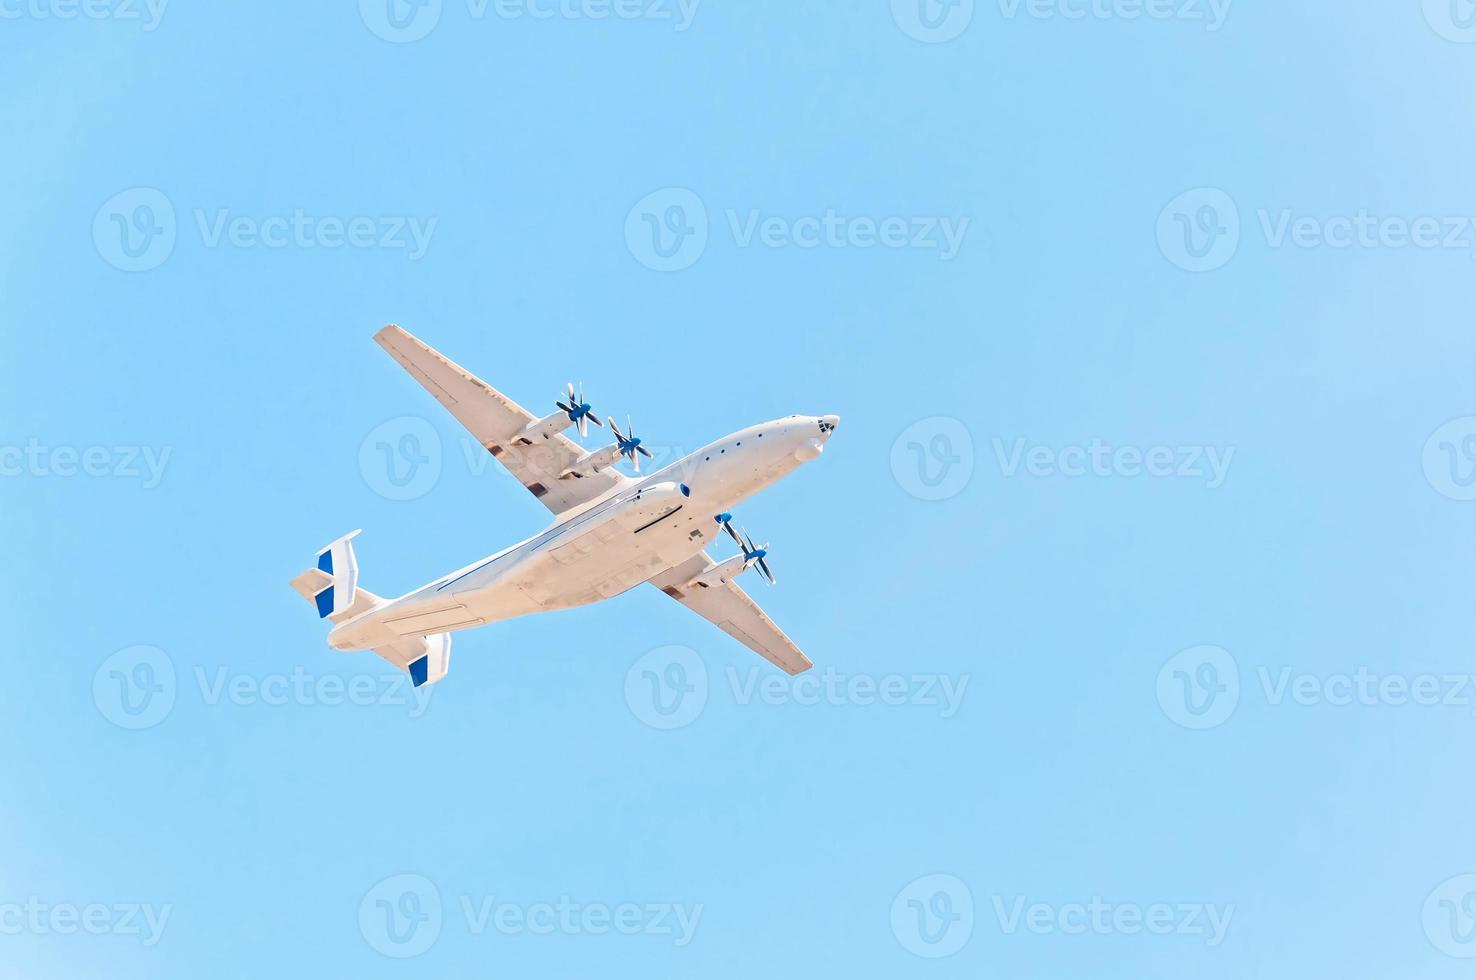 le plus grand avion du monde vole sur fond de ciel bleu. photo